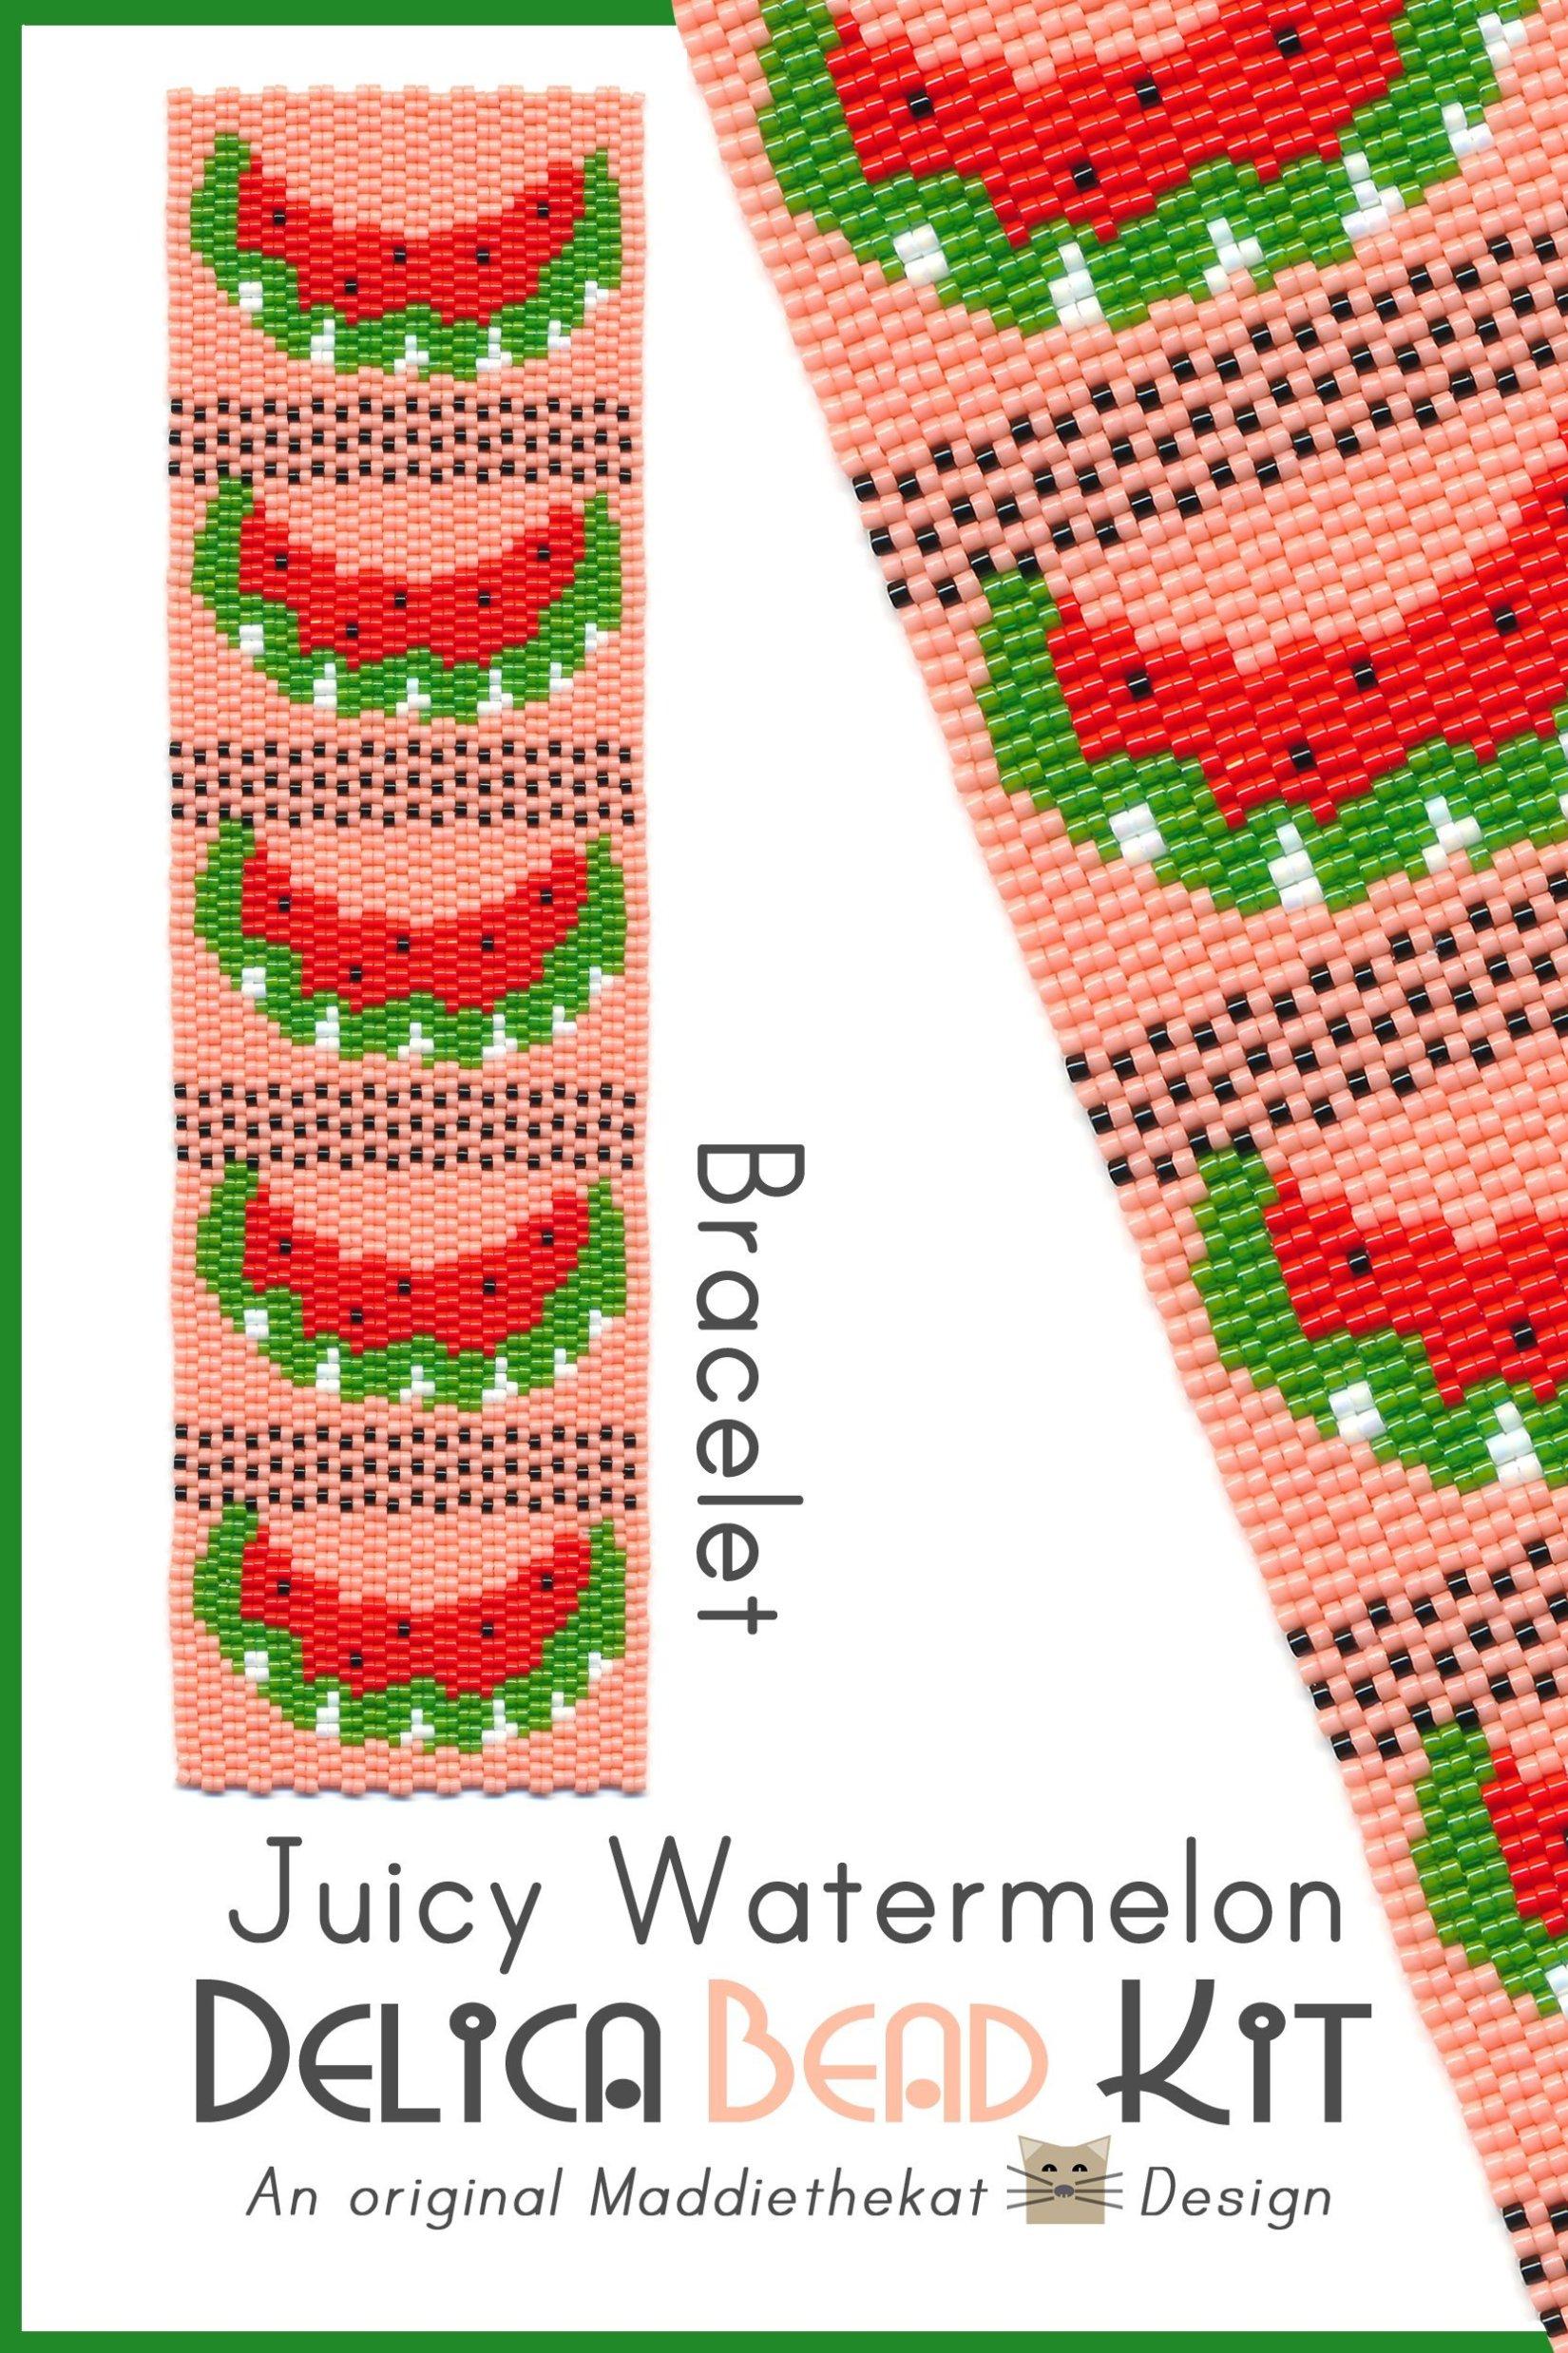 Juicy Watermelon Wide Cuff Bracelet 2-Drop Peyote Bead Pattern or Bead Kit